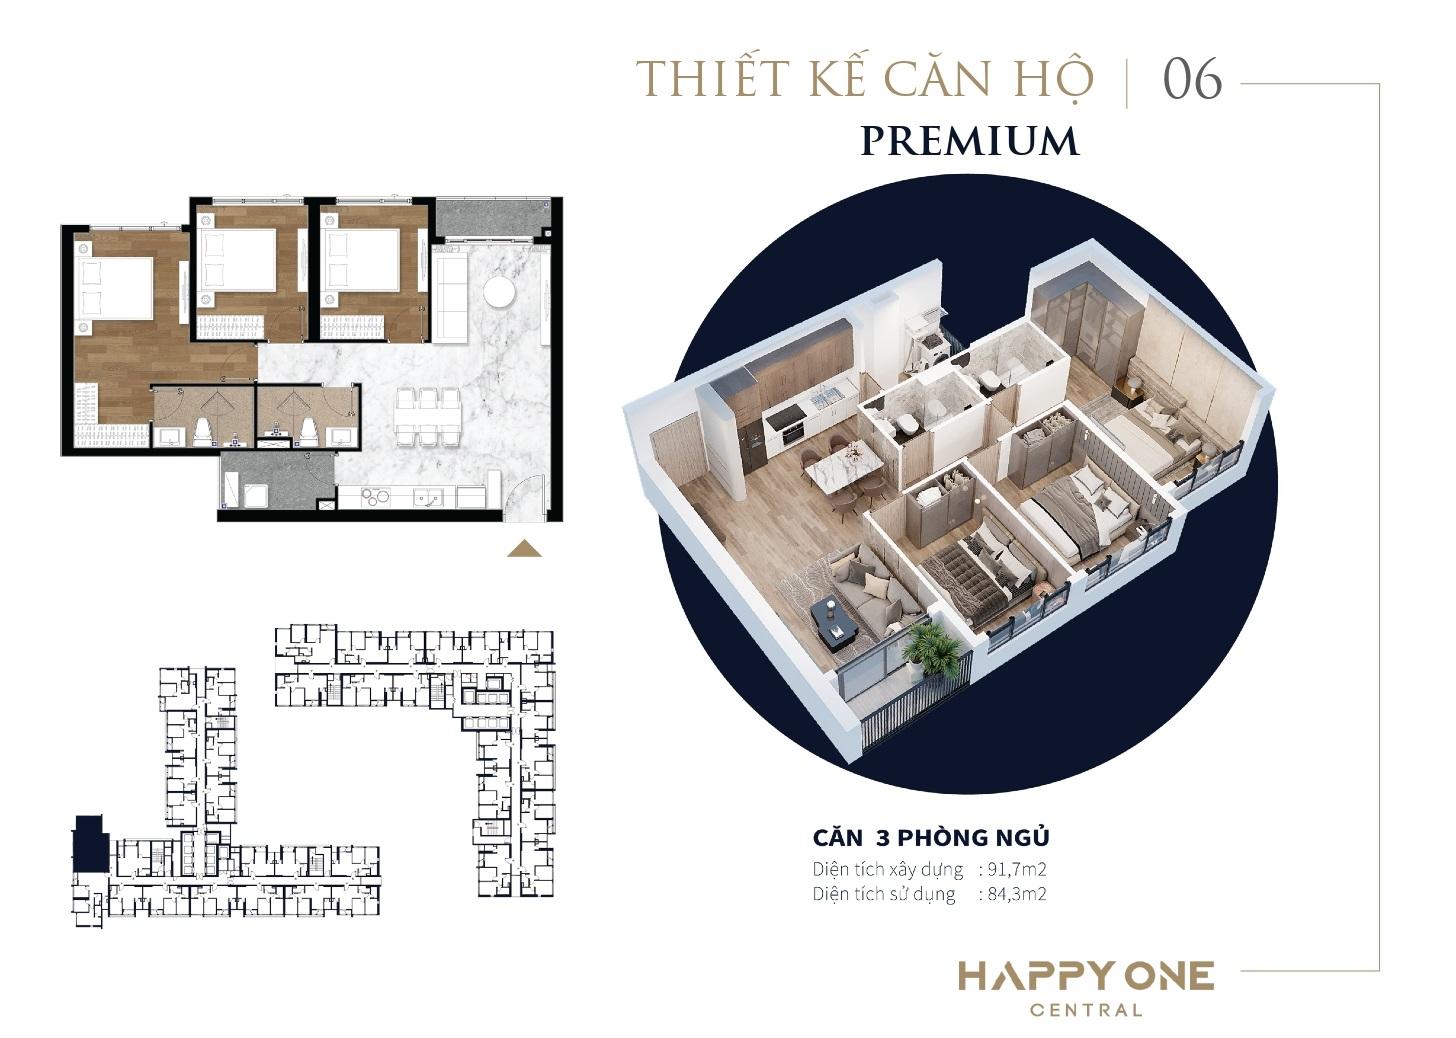 Thiết kế căn hộ 3 Phòng Ngủ dự án Happy One Central Bình Dương